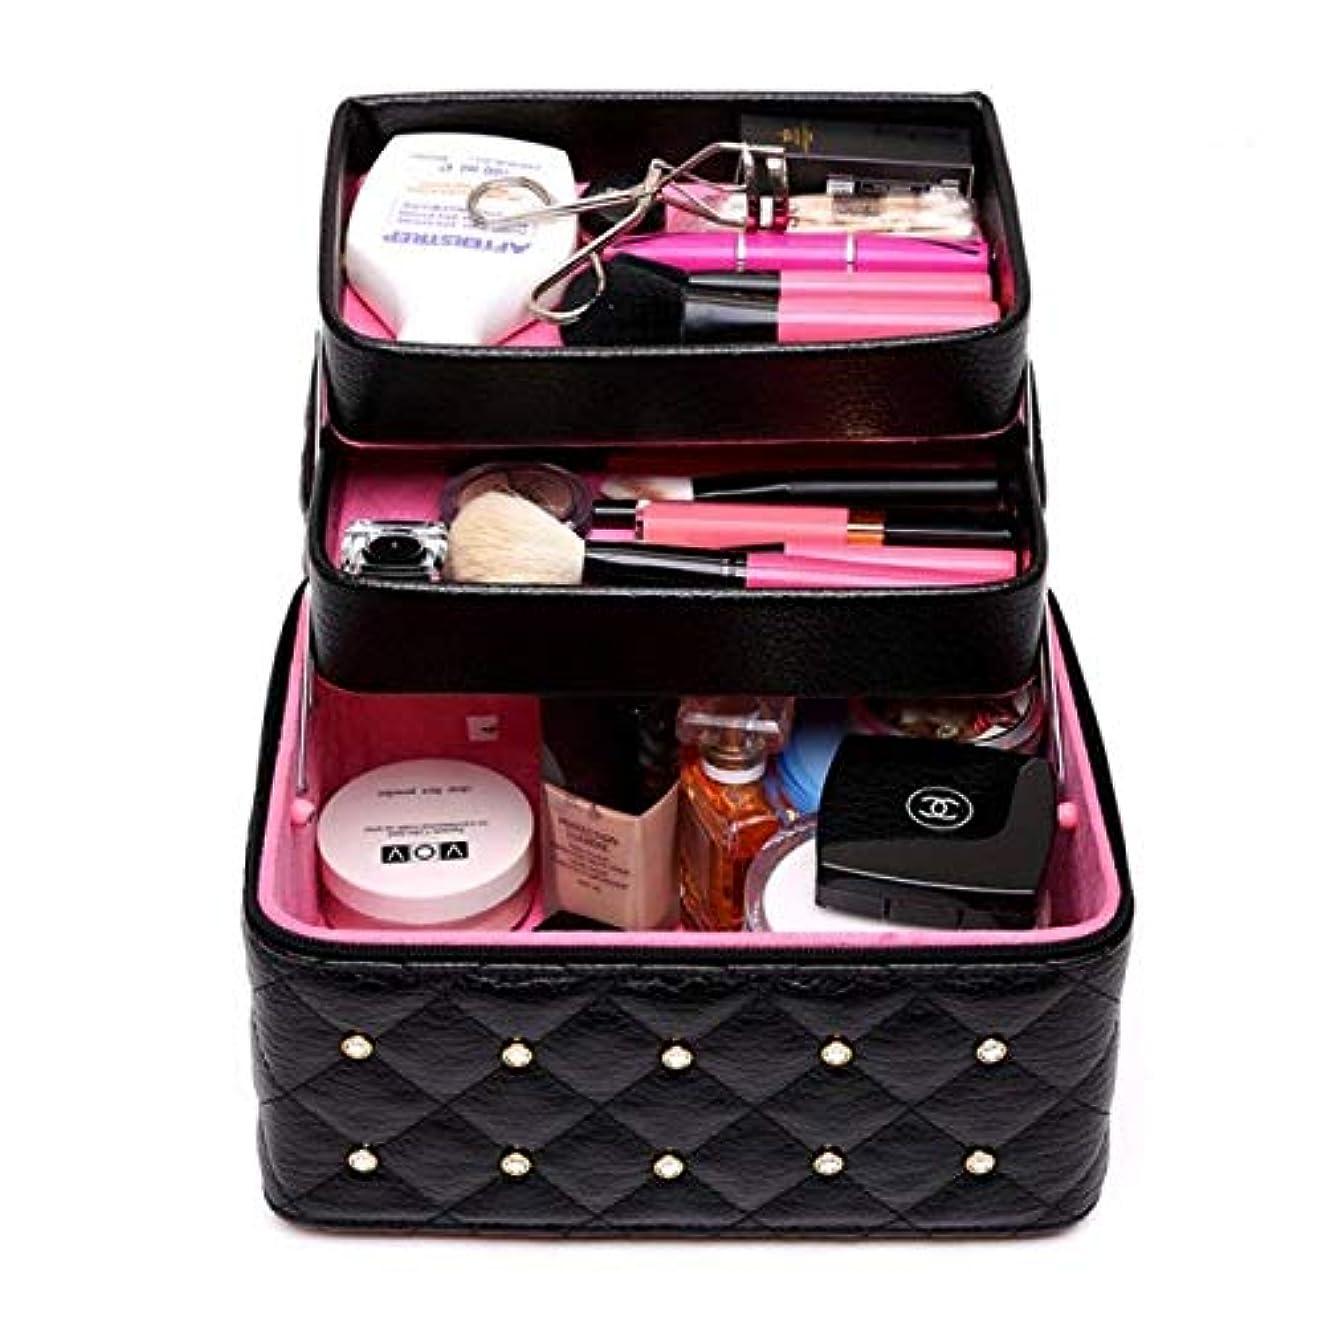 薬用カストディアンニッケル持ち運びできる メイクボックス 大容量 取っ手付き コスメボックス 化粧品収納ボックス 収納ケース 小物入れ (ブラック)